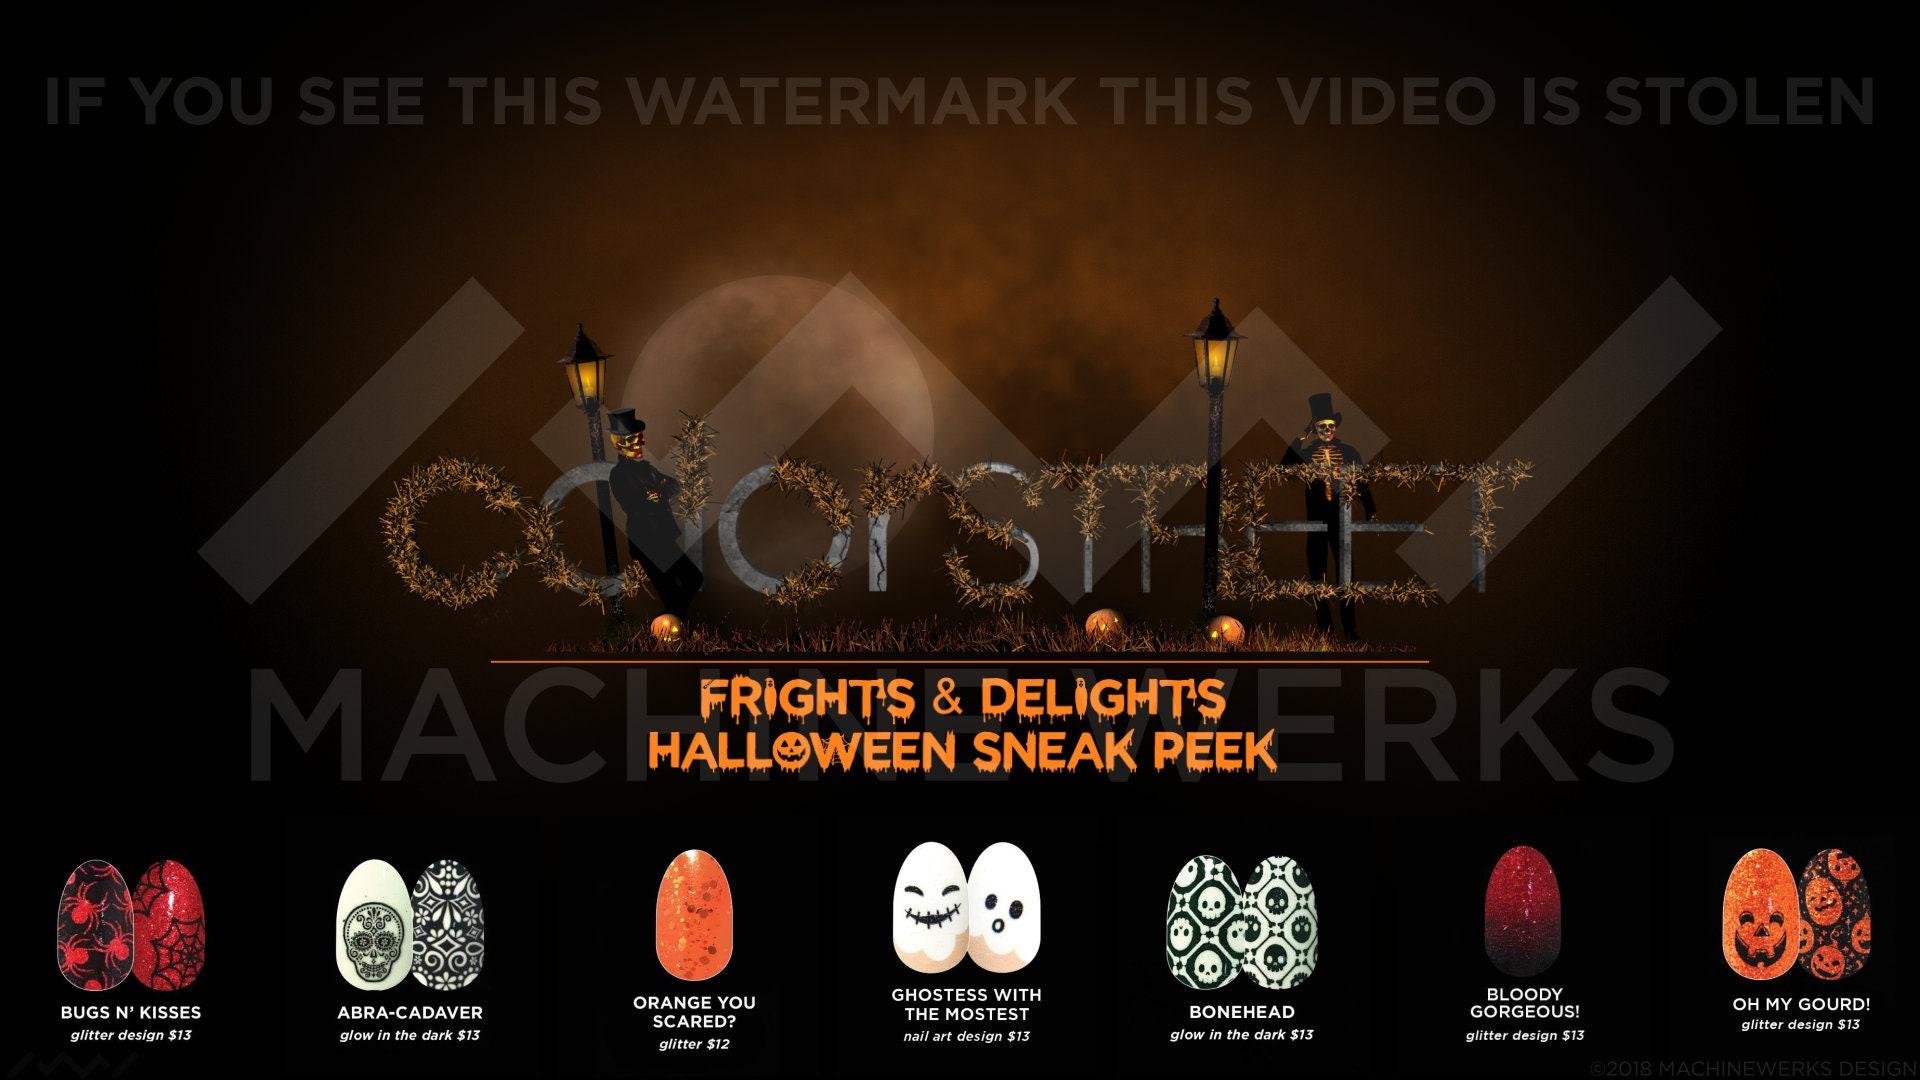 Color Street Halloween Nails Sneak Peak Video Motion ...